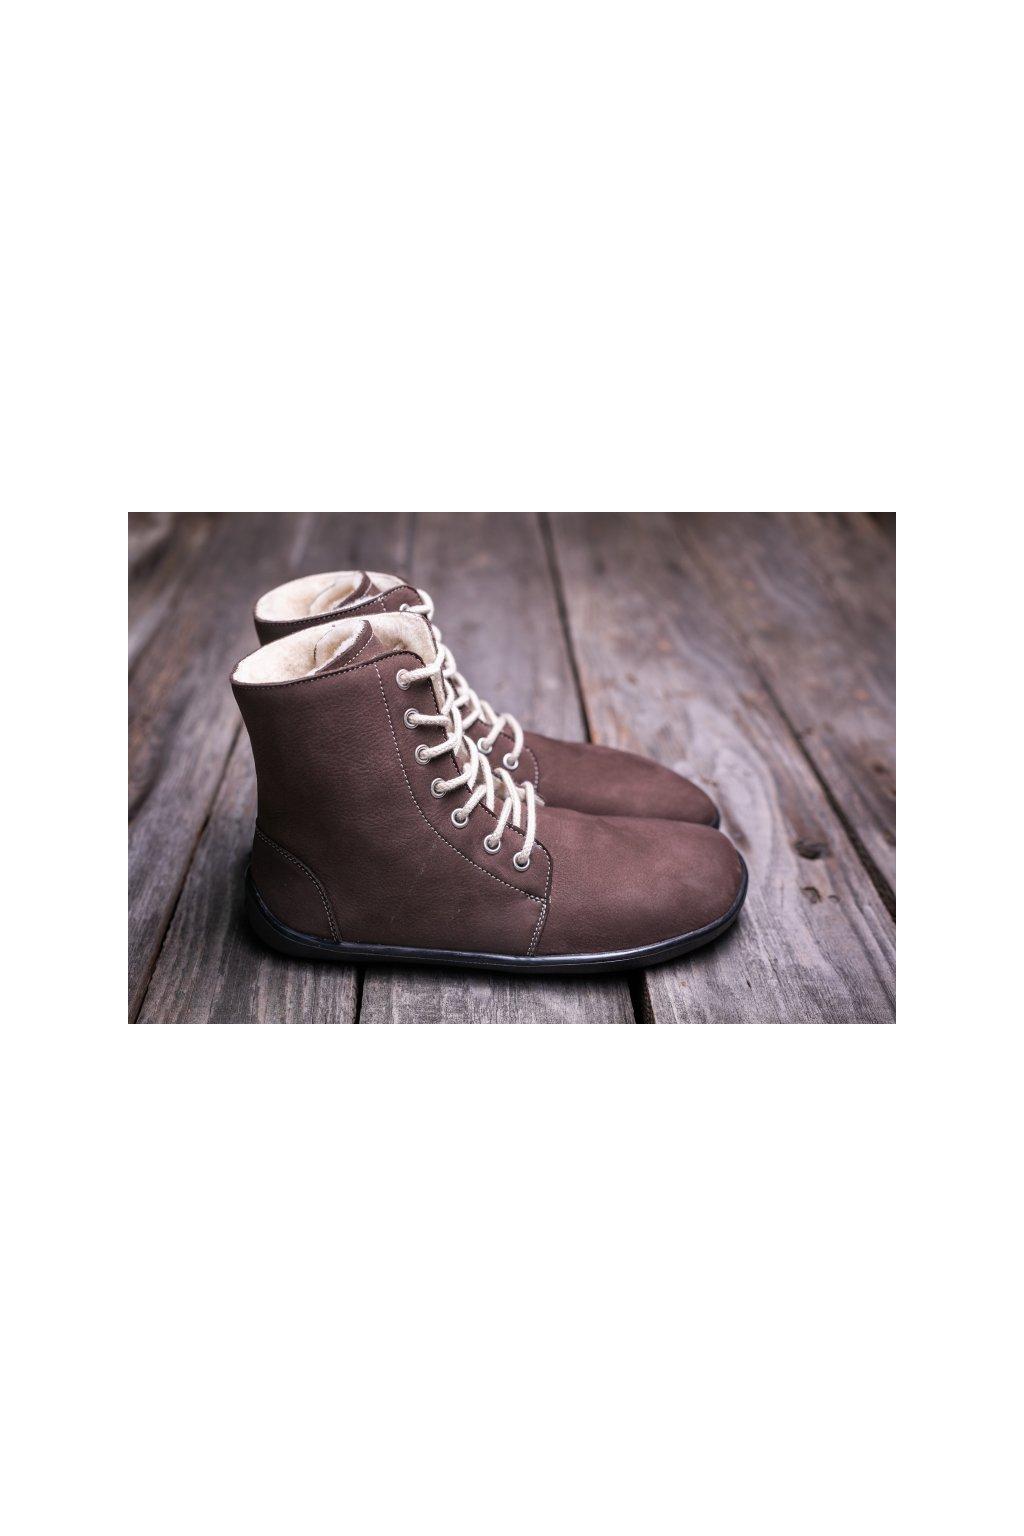 Barefoot kotnikova obuv Winter cokoladova 2